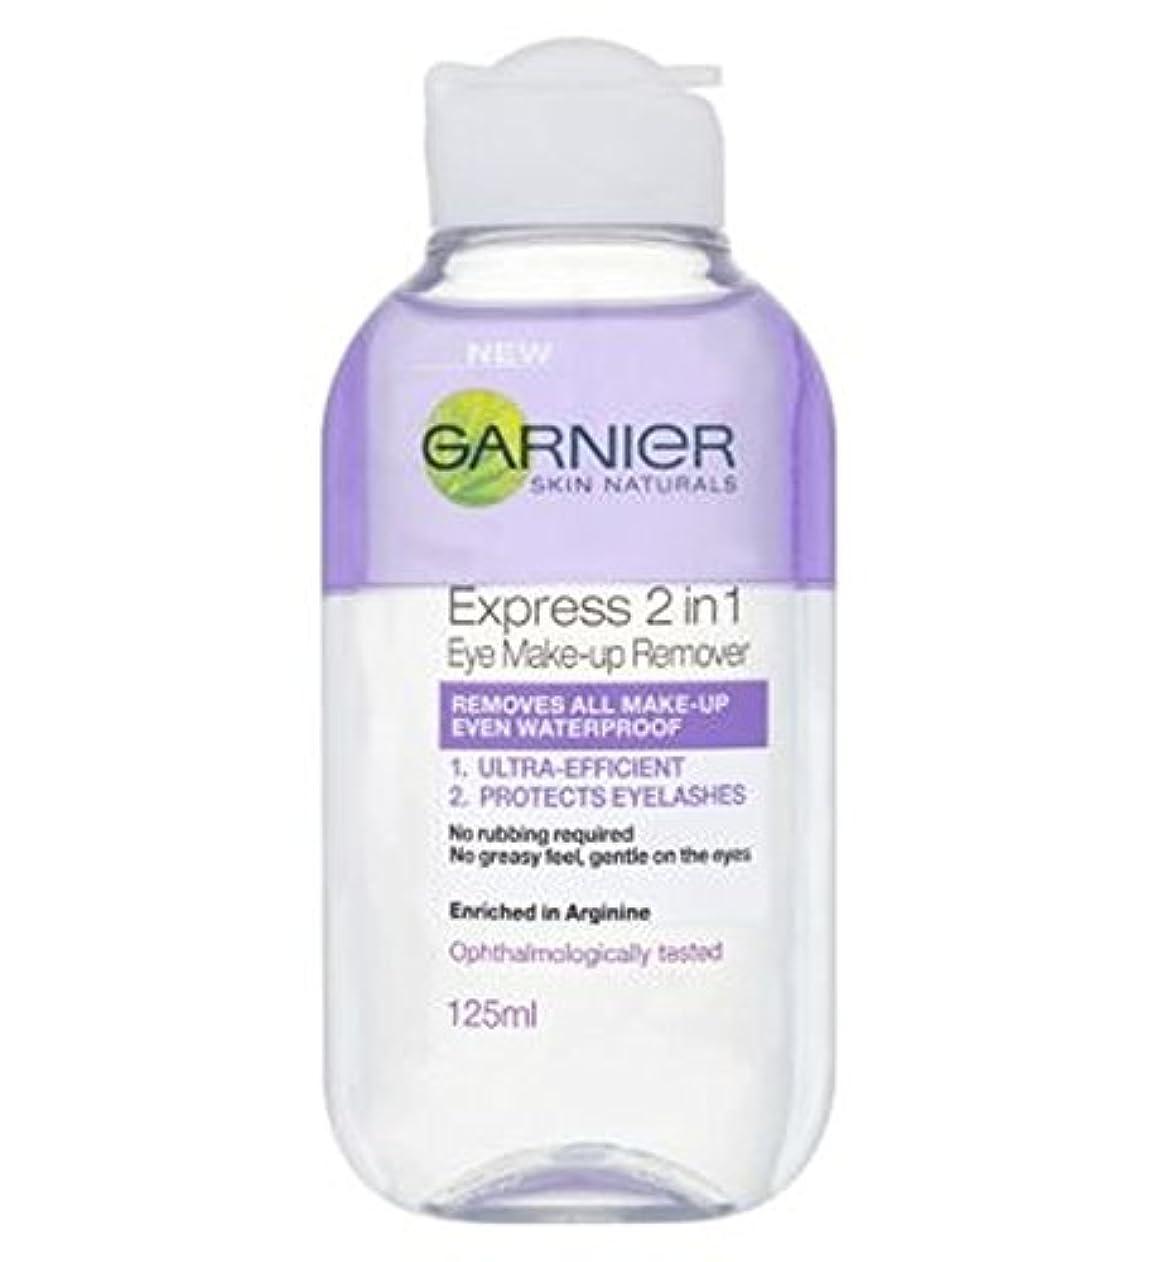 急速な現像障害者Garnier Express 2in1 eye make up remover 125ml - ガルニエ急行の2In1の目は、リムーバー125ミリリットルを作ります (Garnier) [並行輸入品]